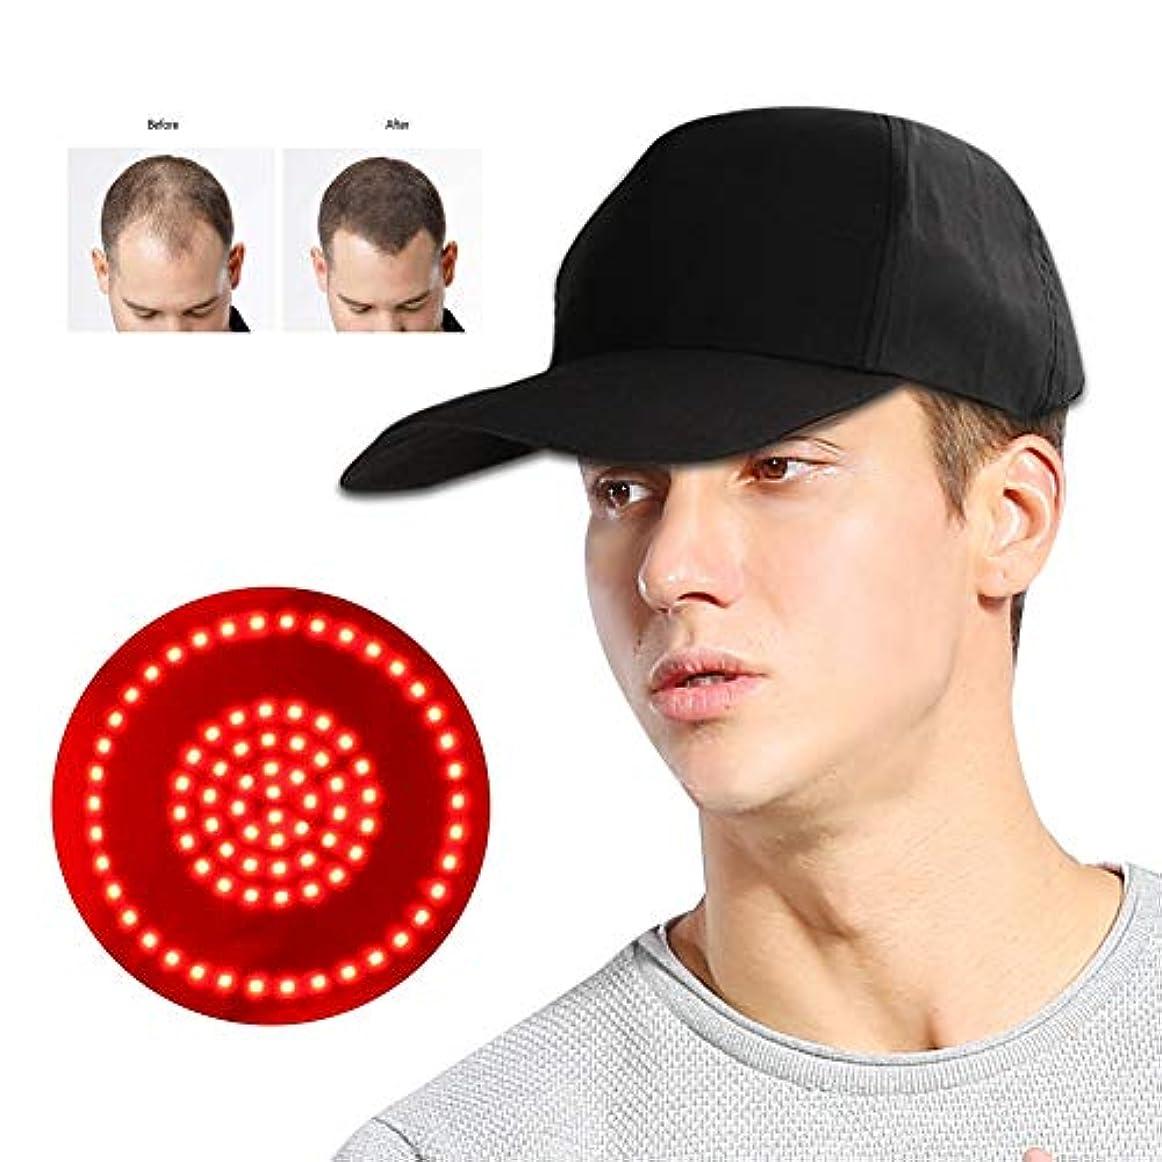 必要条件面ヶ月目髪の成長の帽子、76pcsランプビーズの髪の成長の帽子キャップ、オイルコントロール調整可能な髪の成長の治療の楽器、男性女性のための脱毛ソリューション